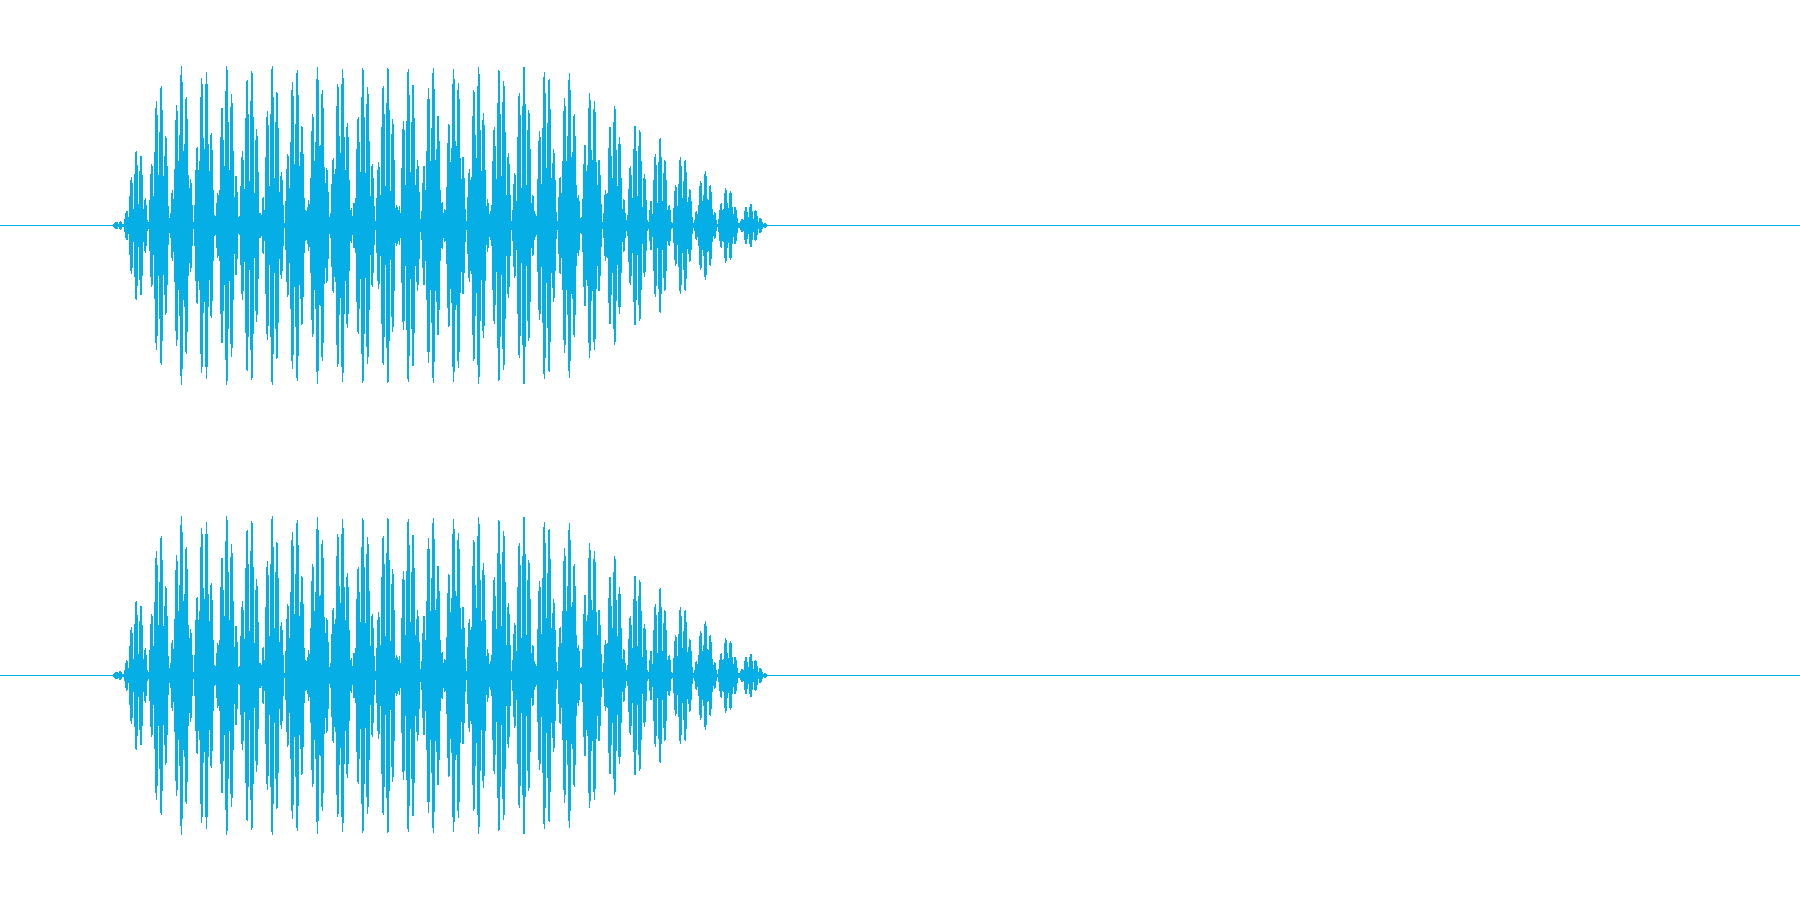 ポッという軽いクリック音の再生済みの波形